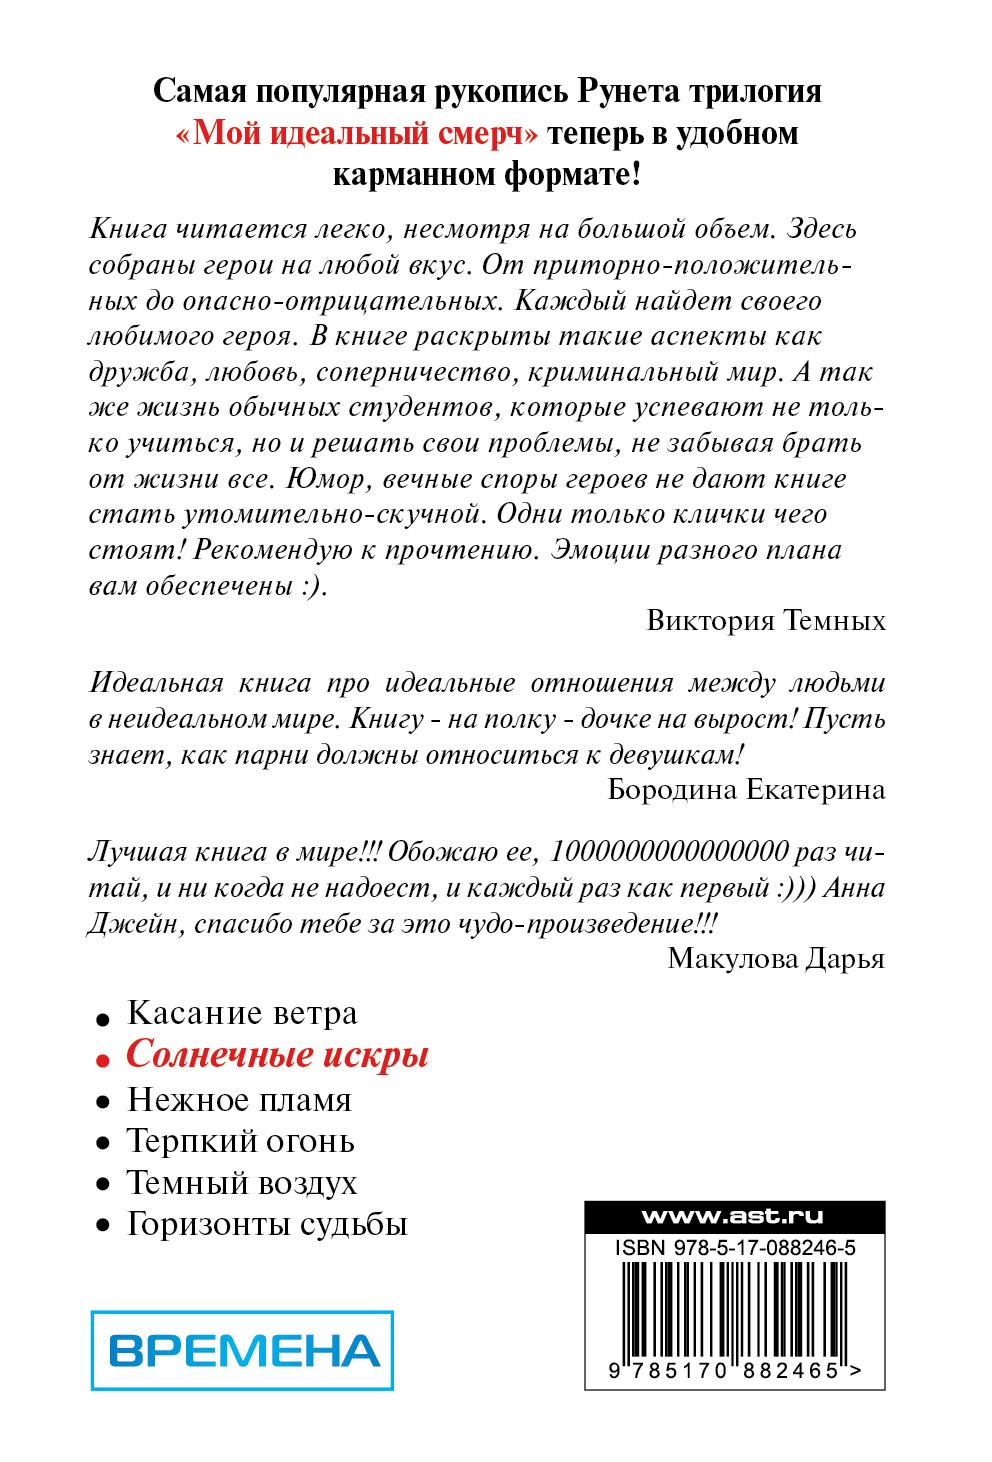 описание кати радовой в книге мой идеальный смерч брабансон